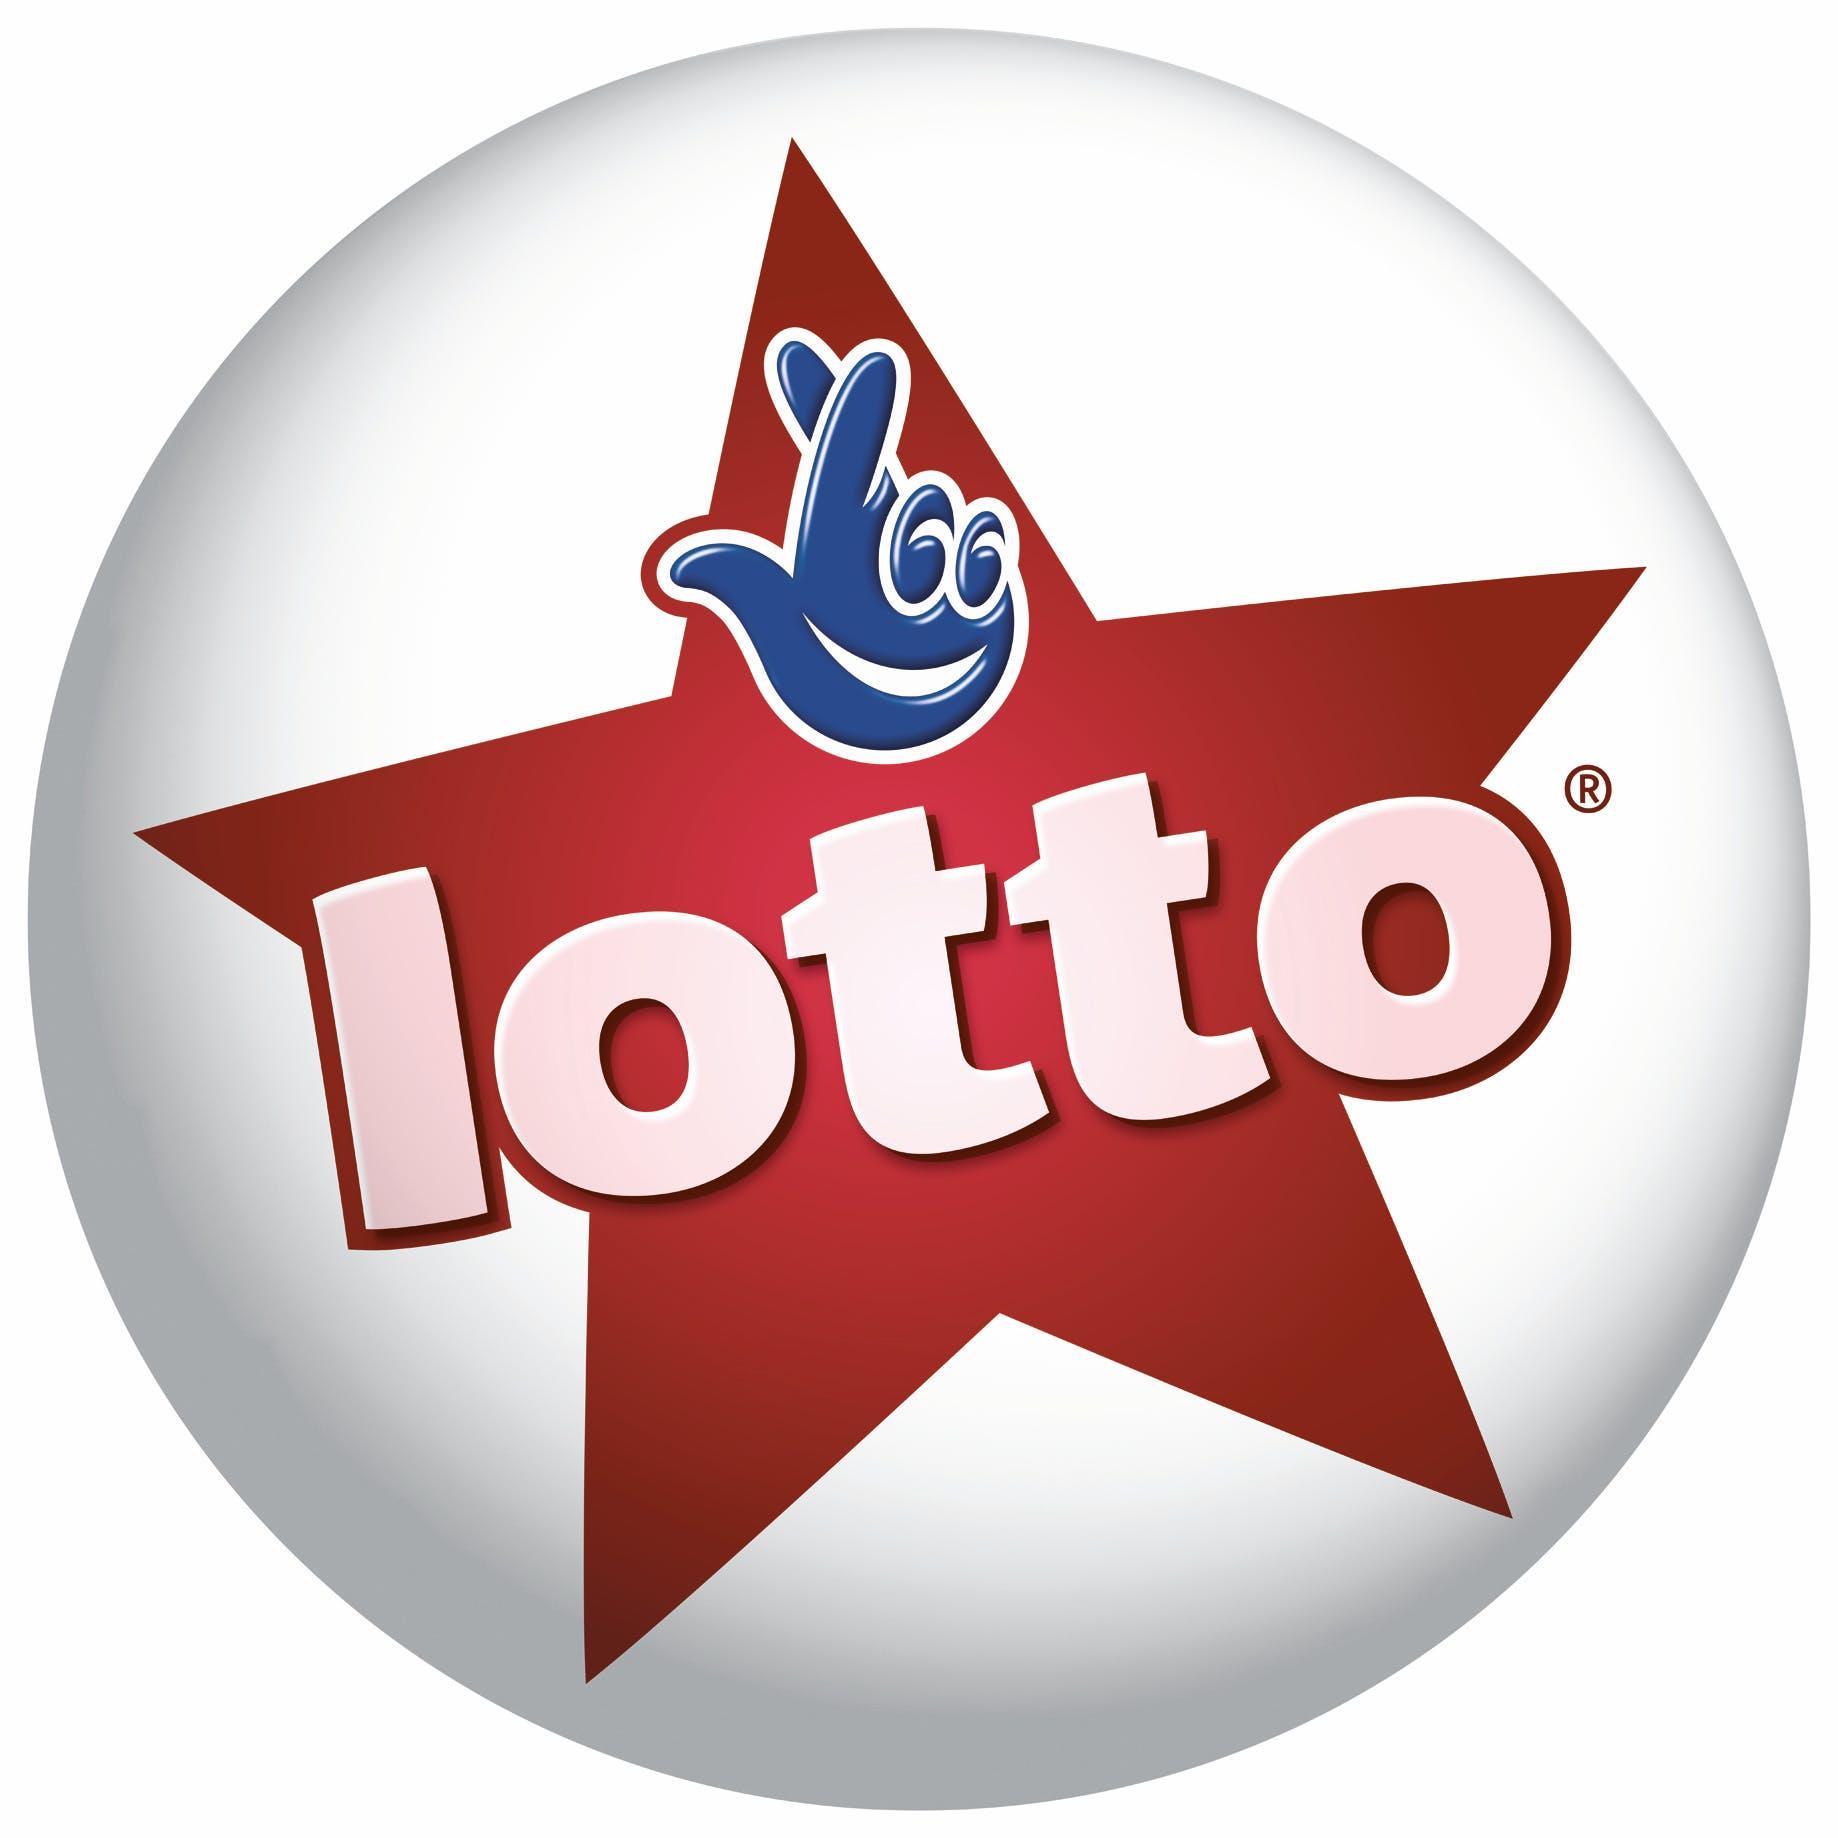 Camelot-lotto-logo-2013.304